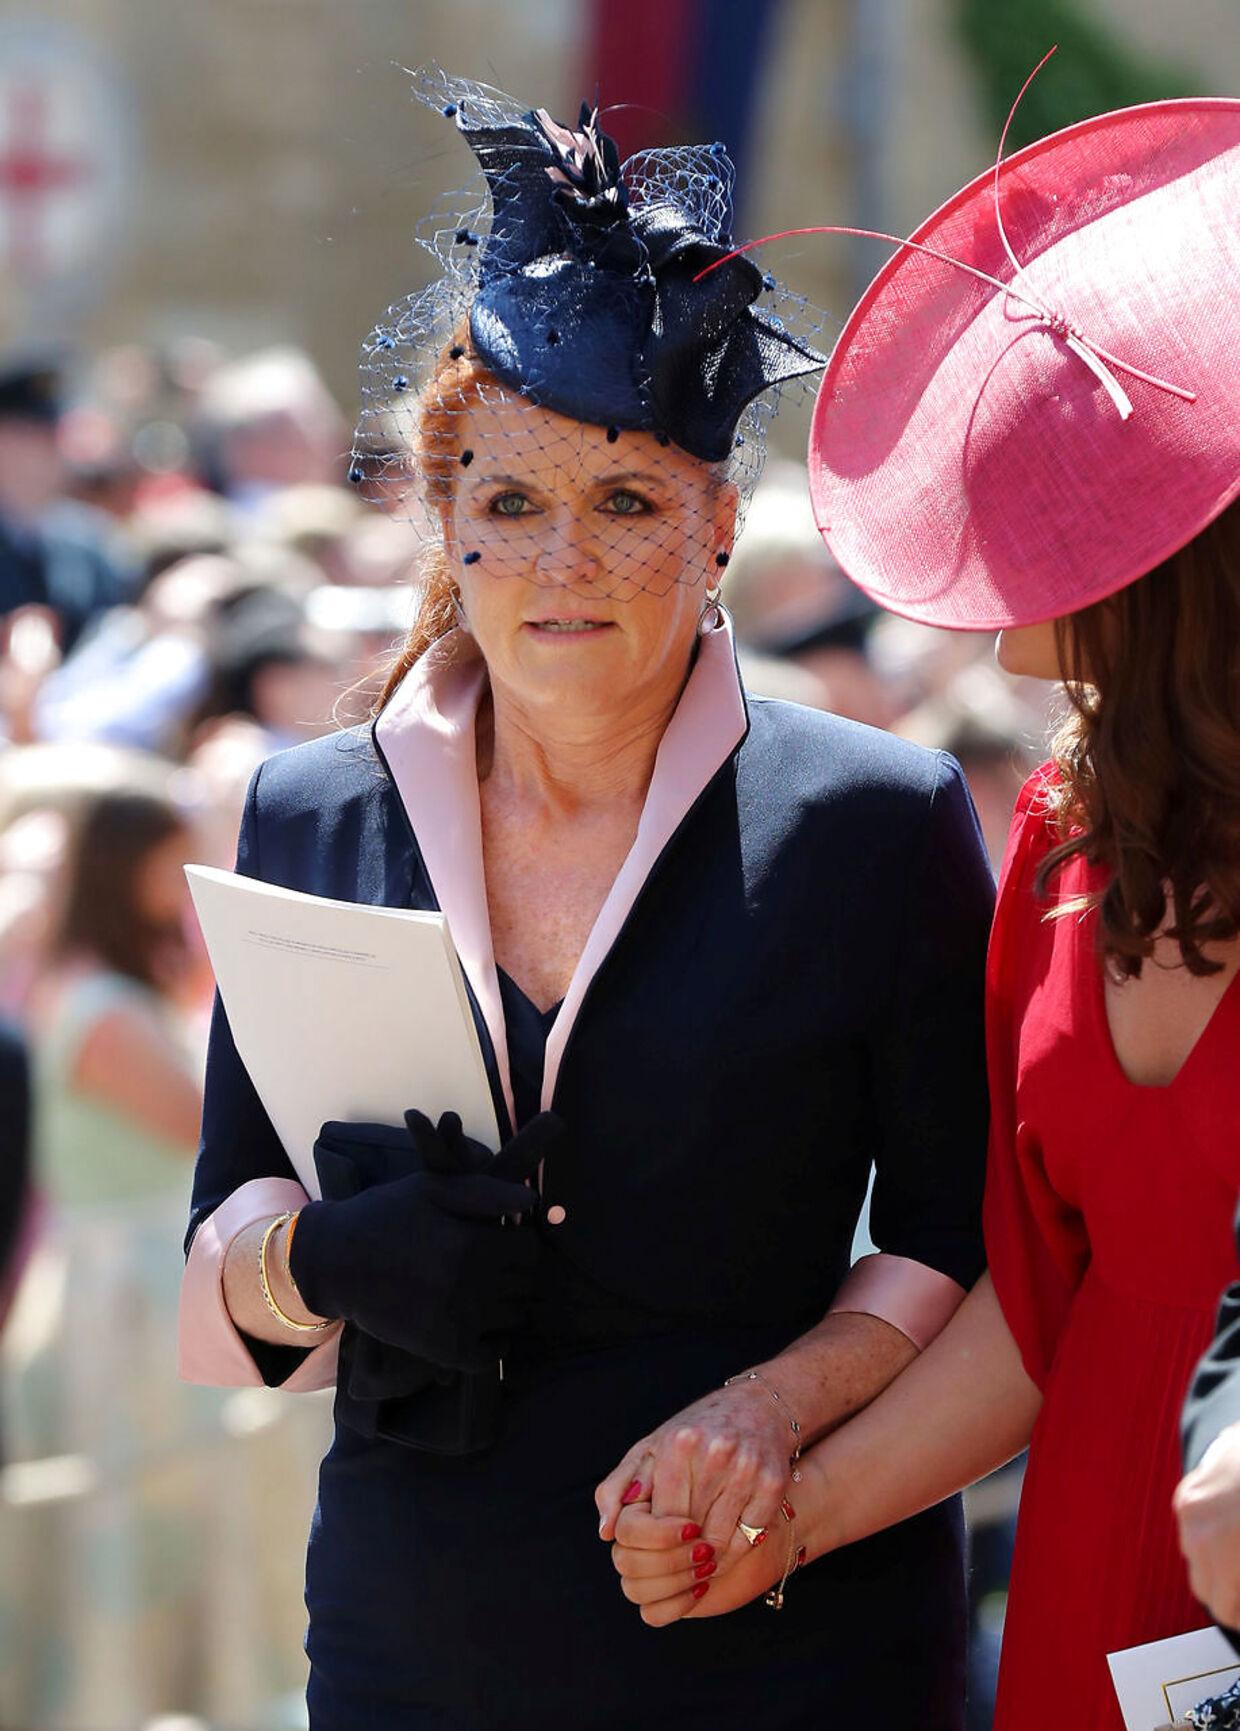 Sarah 'Fergie' Ferguson fortæller nu, at skilsmissen fra prins Andrew ødelagde hende. Her ses hun i maj 2018 ved prins Harry og Meghan Markles bryllup.